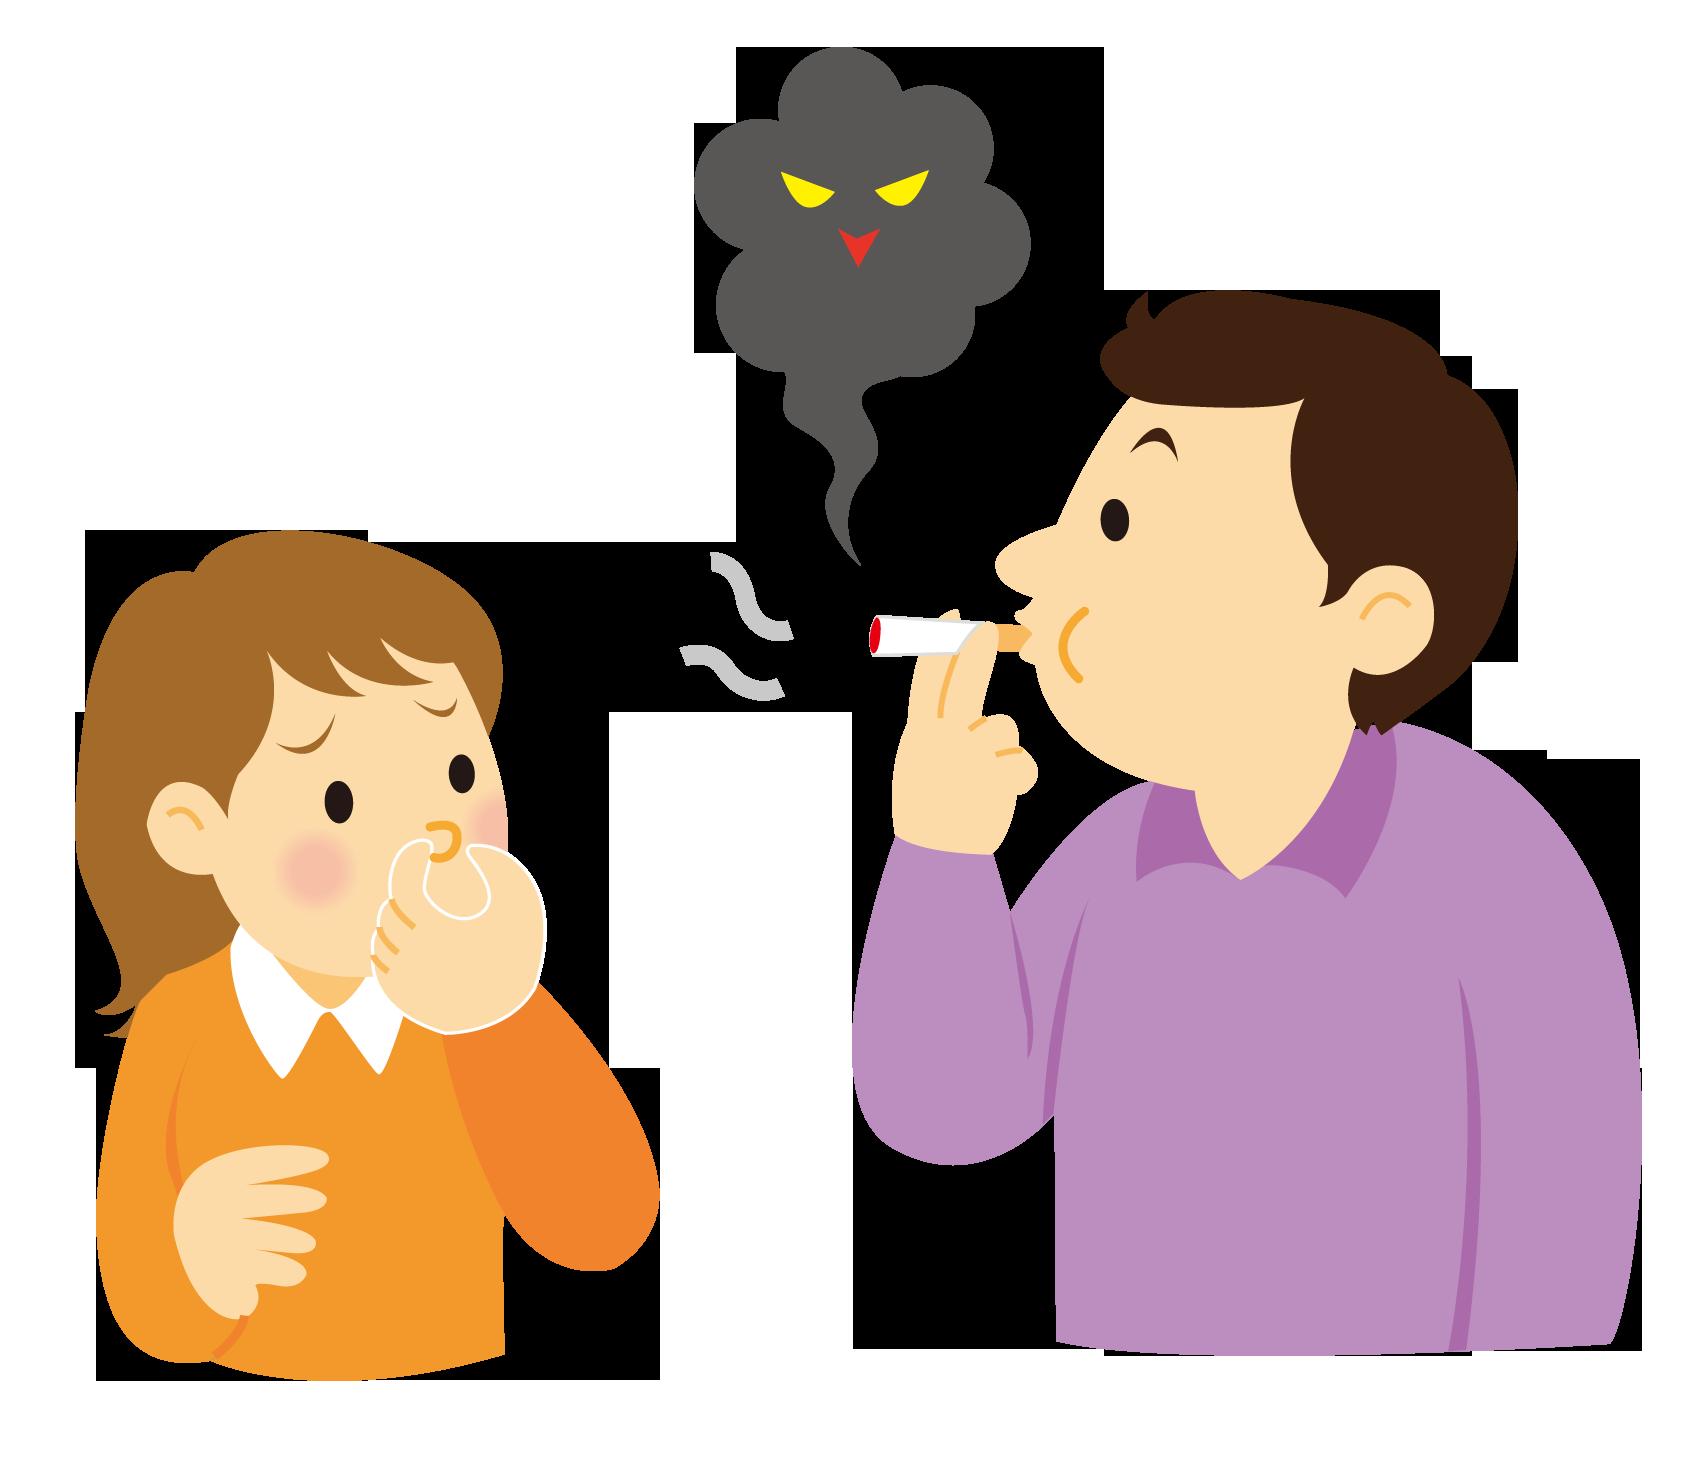 環境要因は、小児の喘息発症に影響するか?